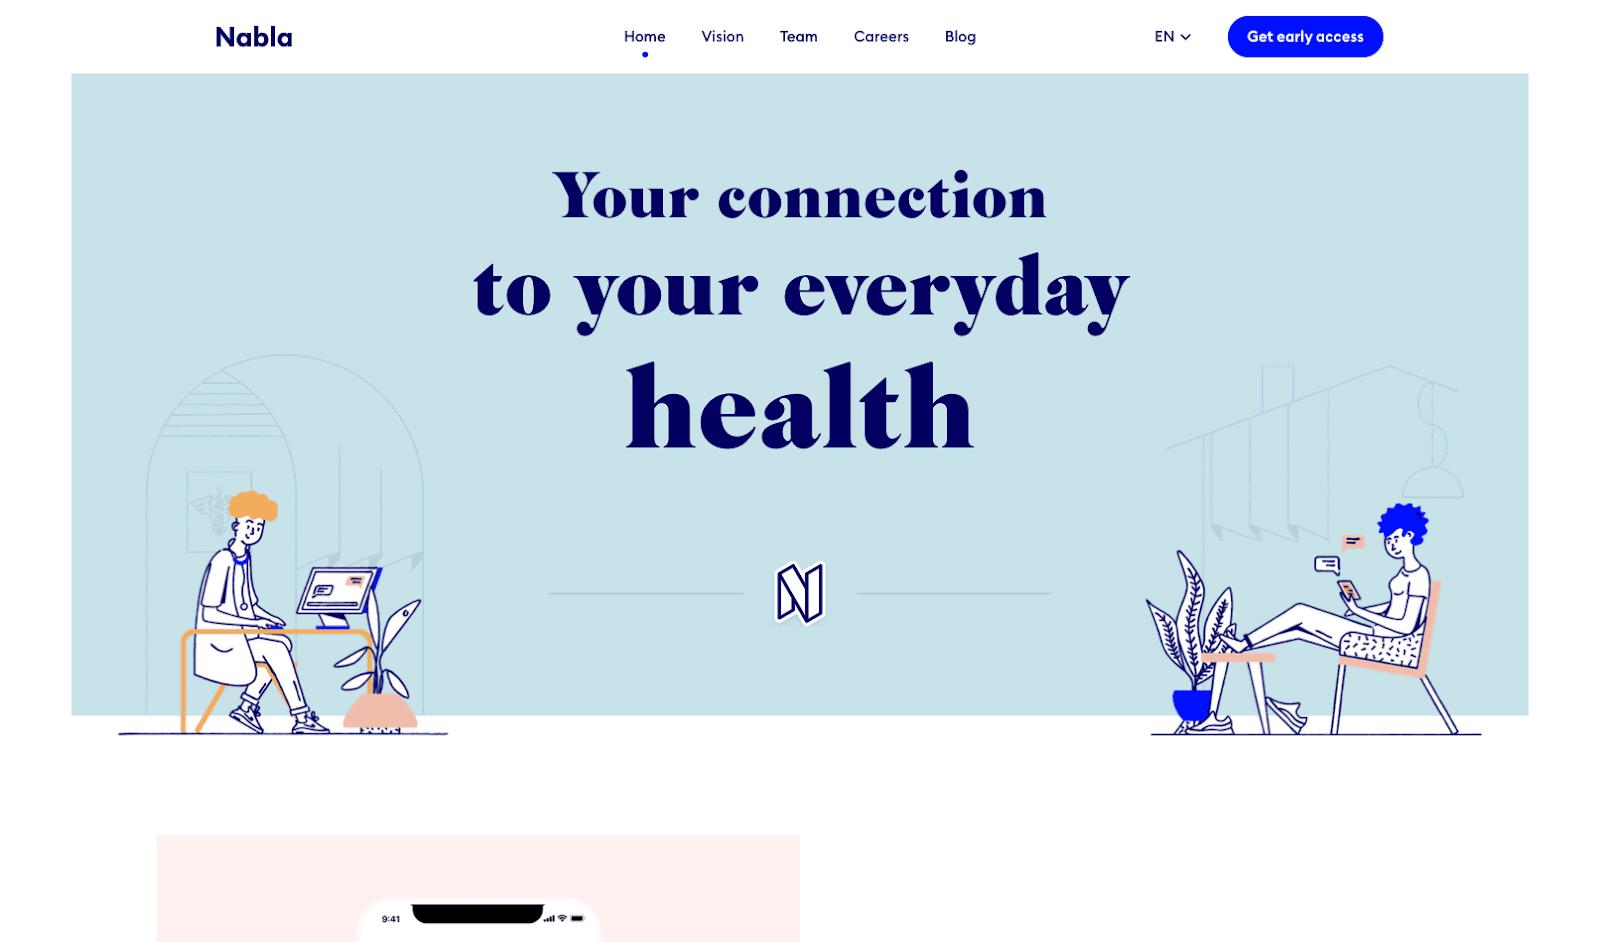 Nabla website hero section